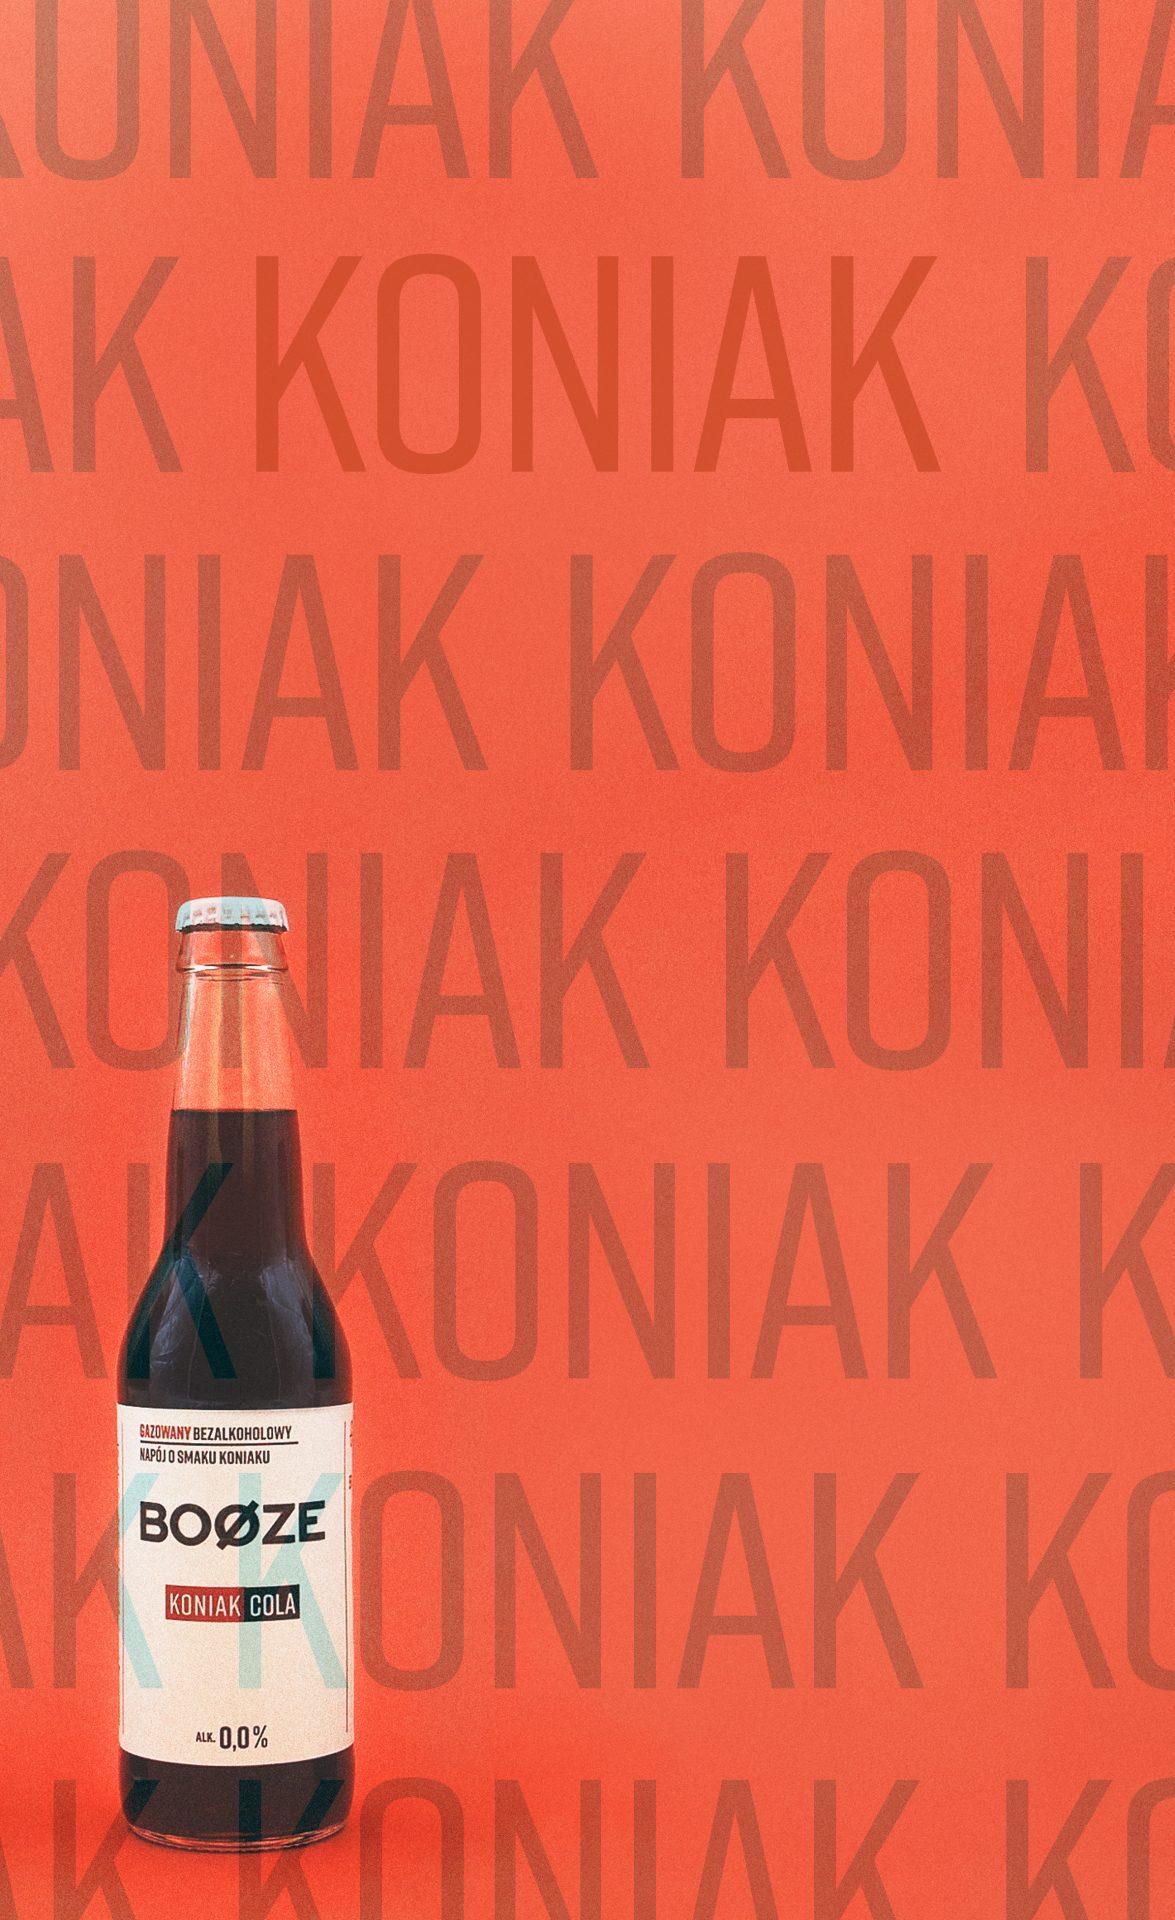 Booze Koniak cola